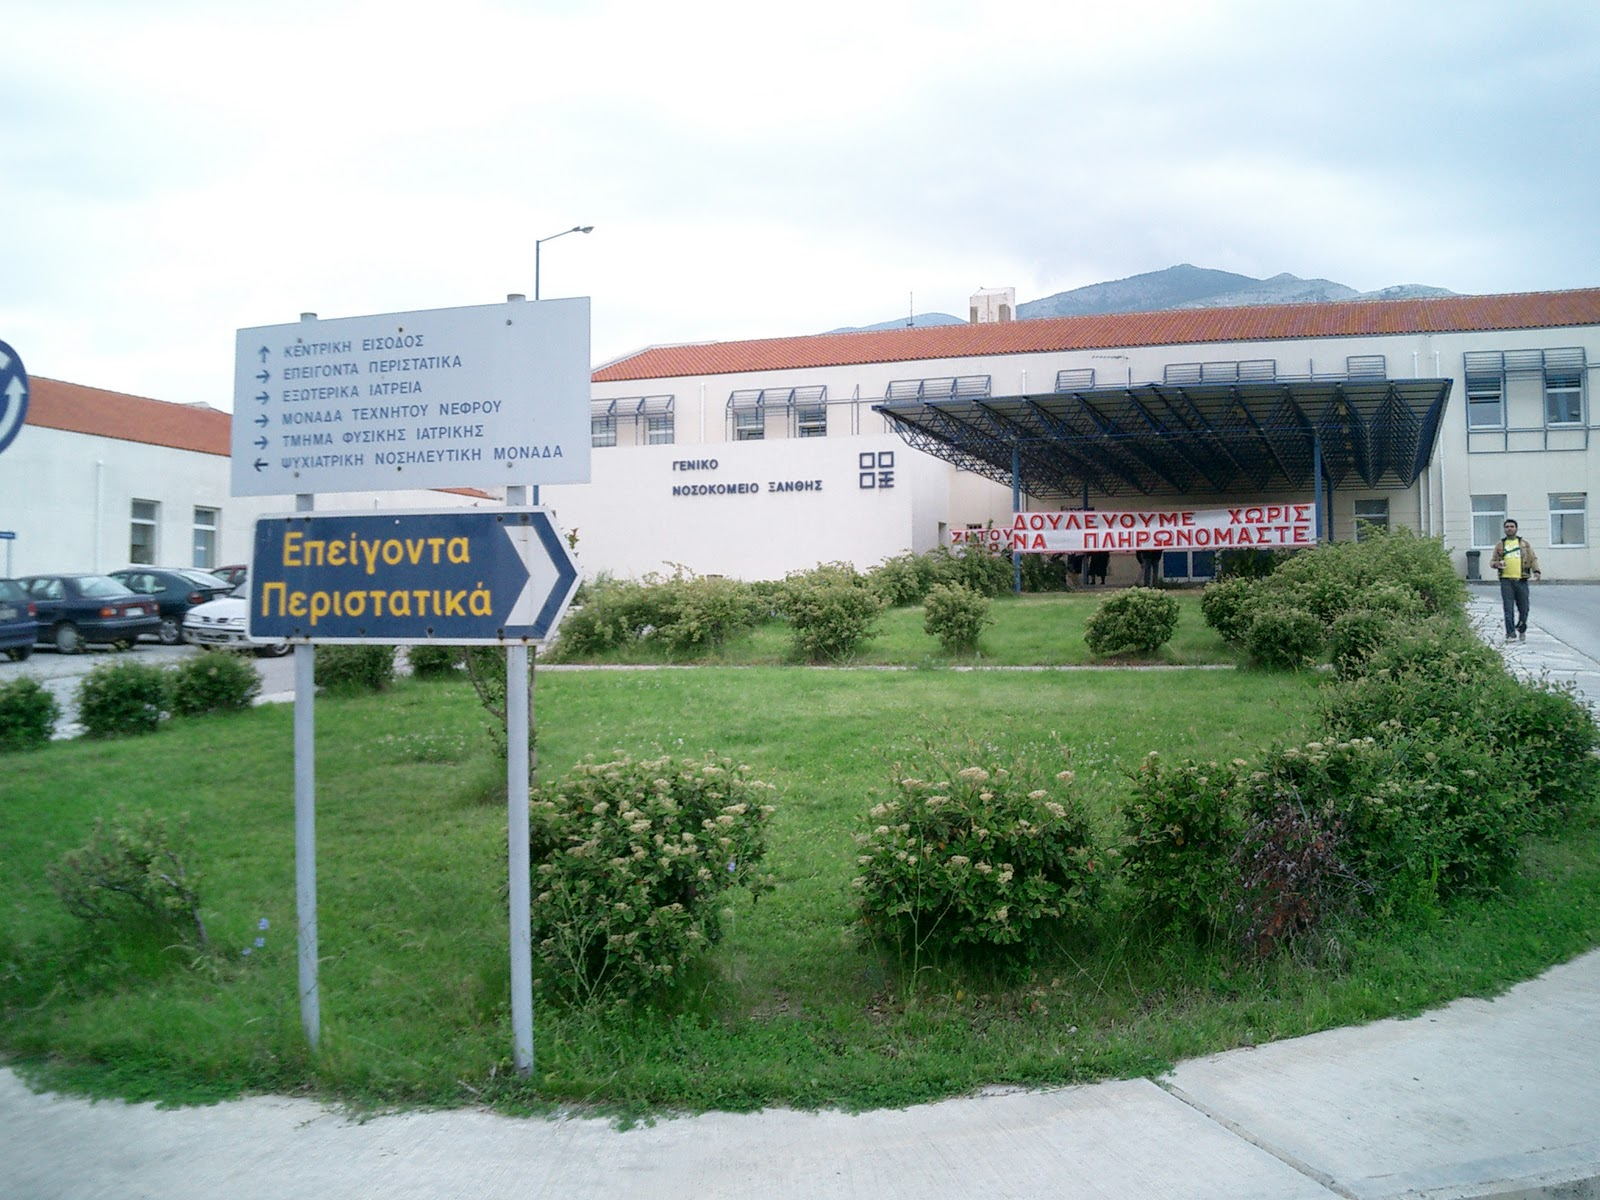 Σάλος από τις αποκαλύψεις στο νοσοκομείο Ξάνθης! Κόντρα για τα επικίνδυνα υλικά (ΦΩΤΟ)